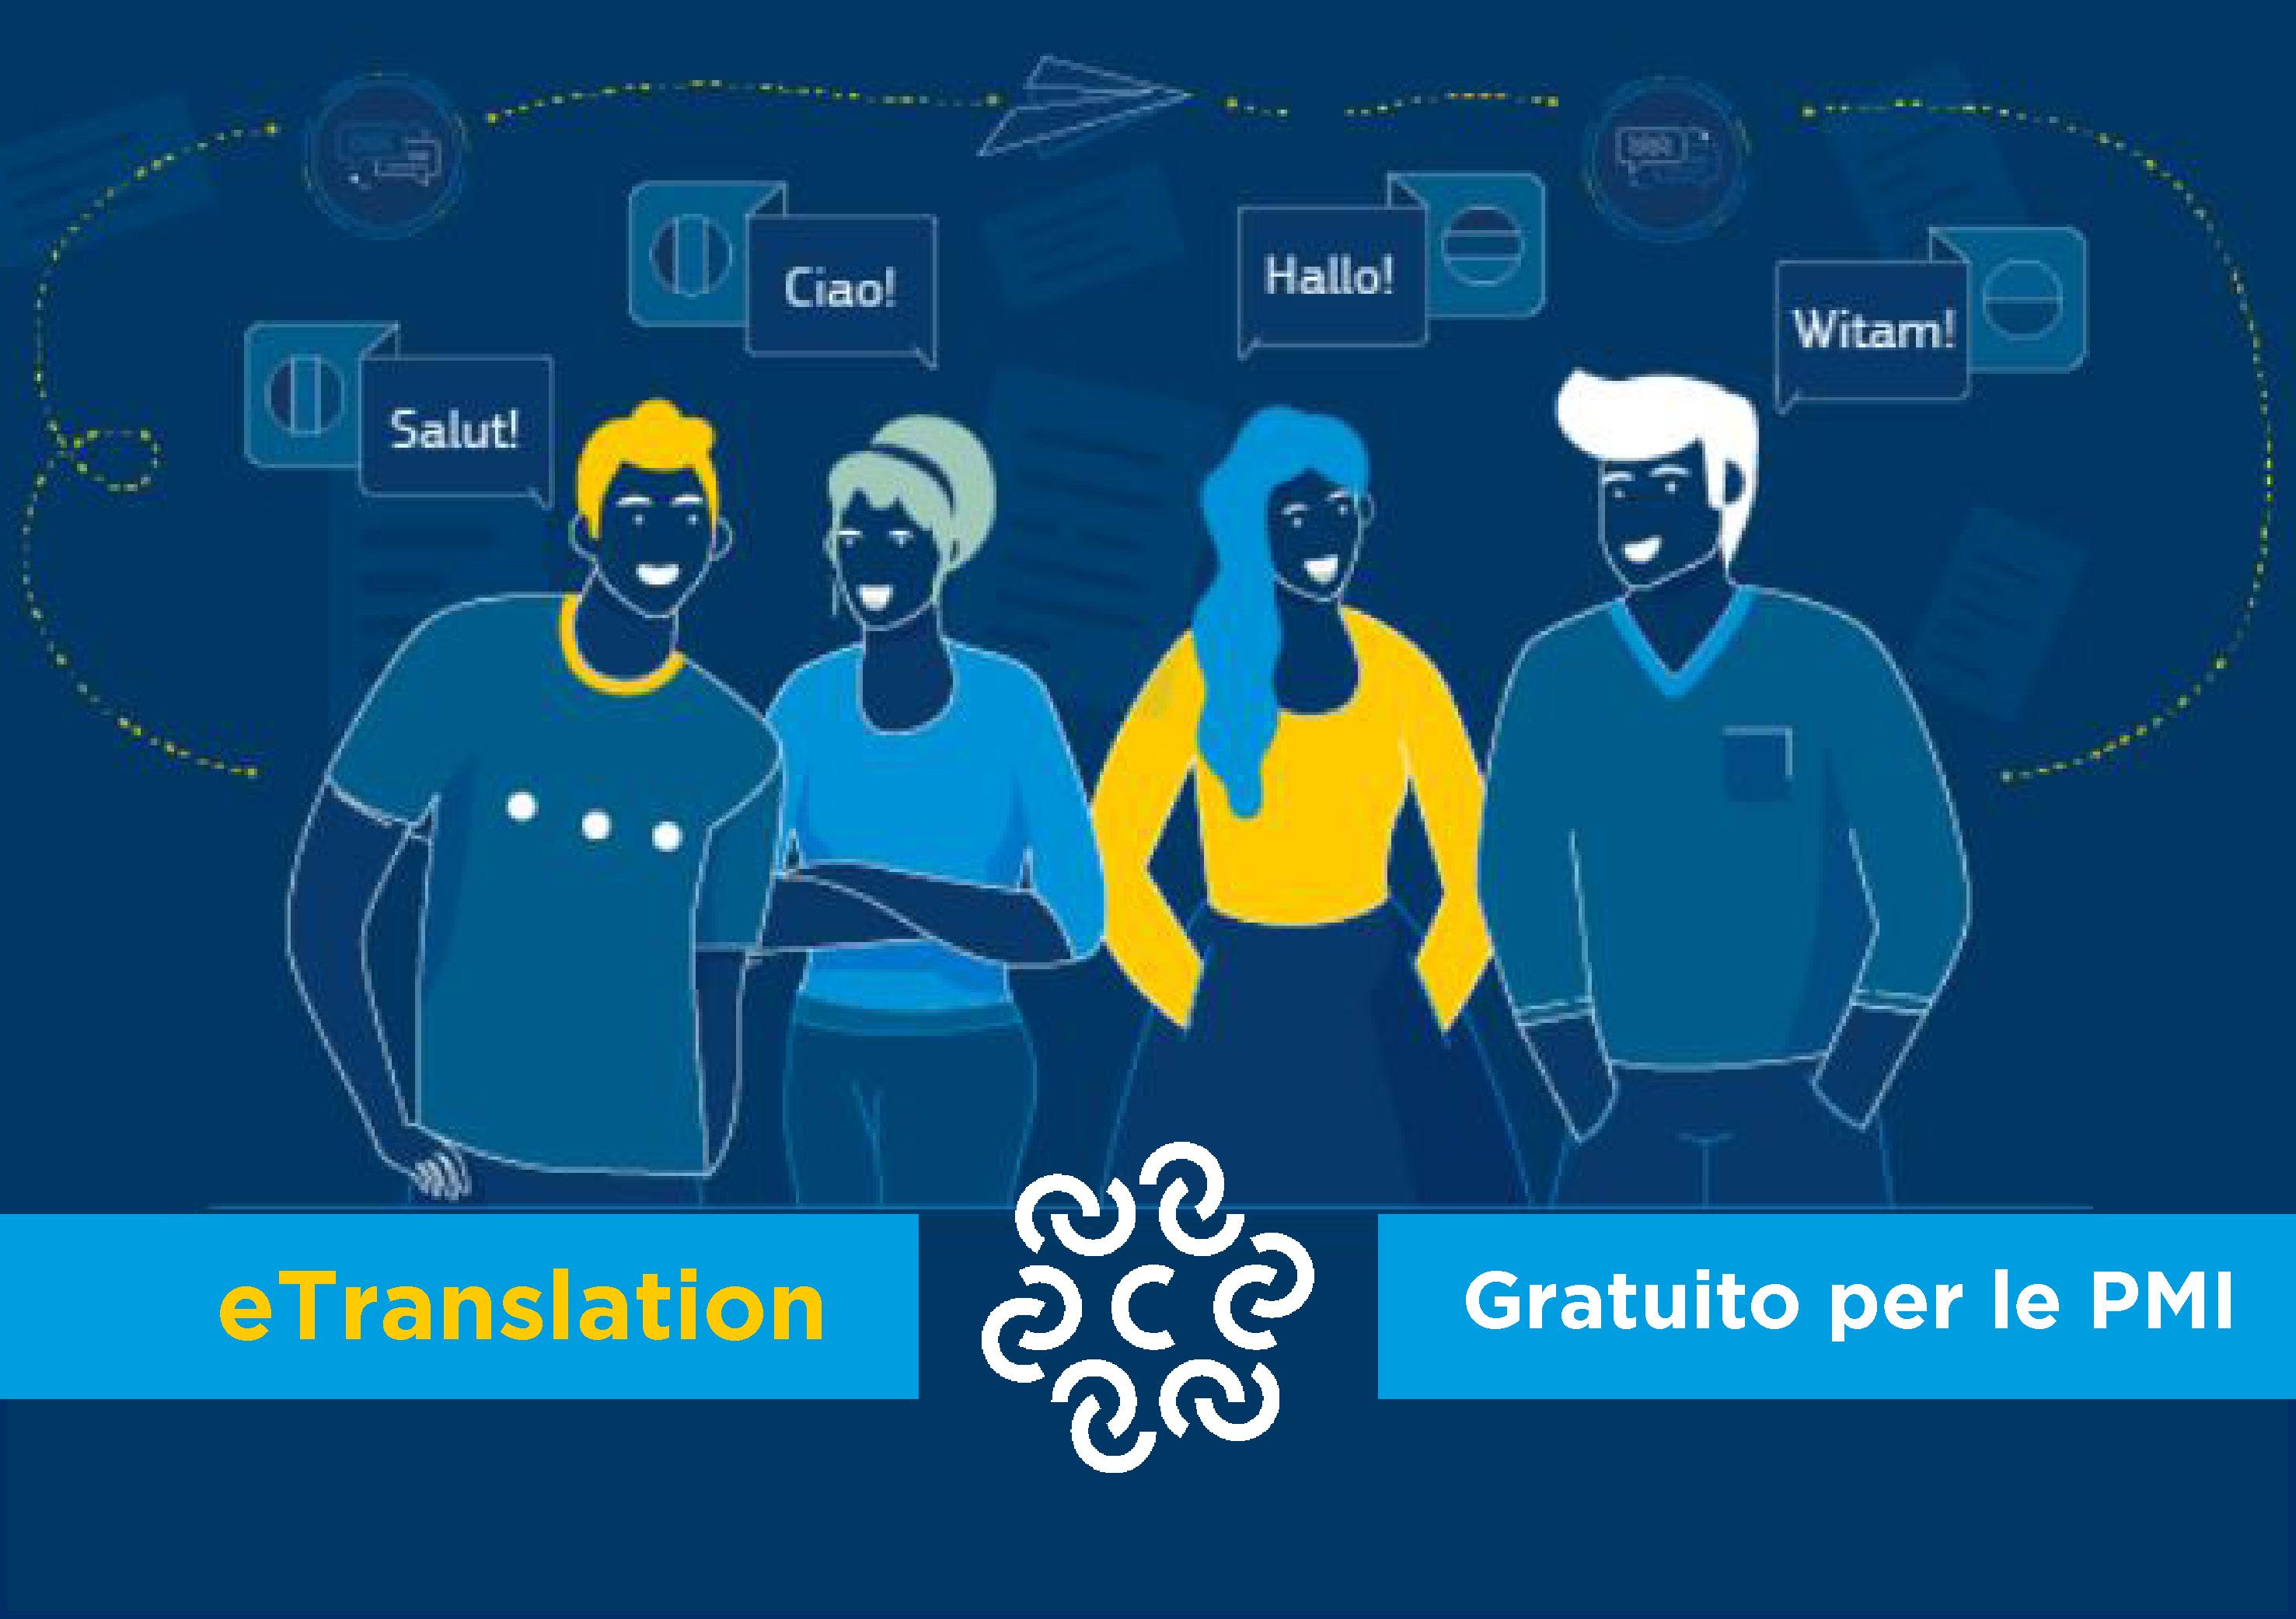 eTranslation, strumento di traduzione automatica